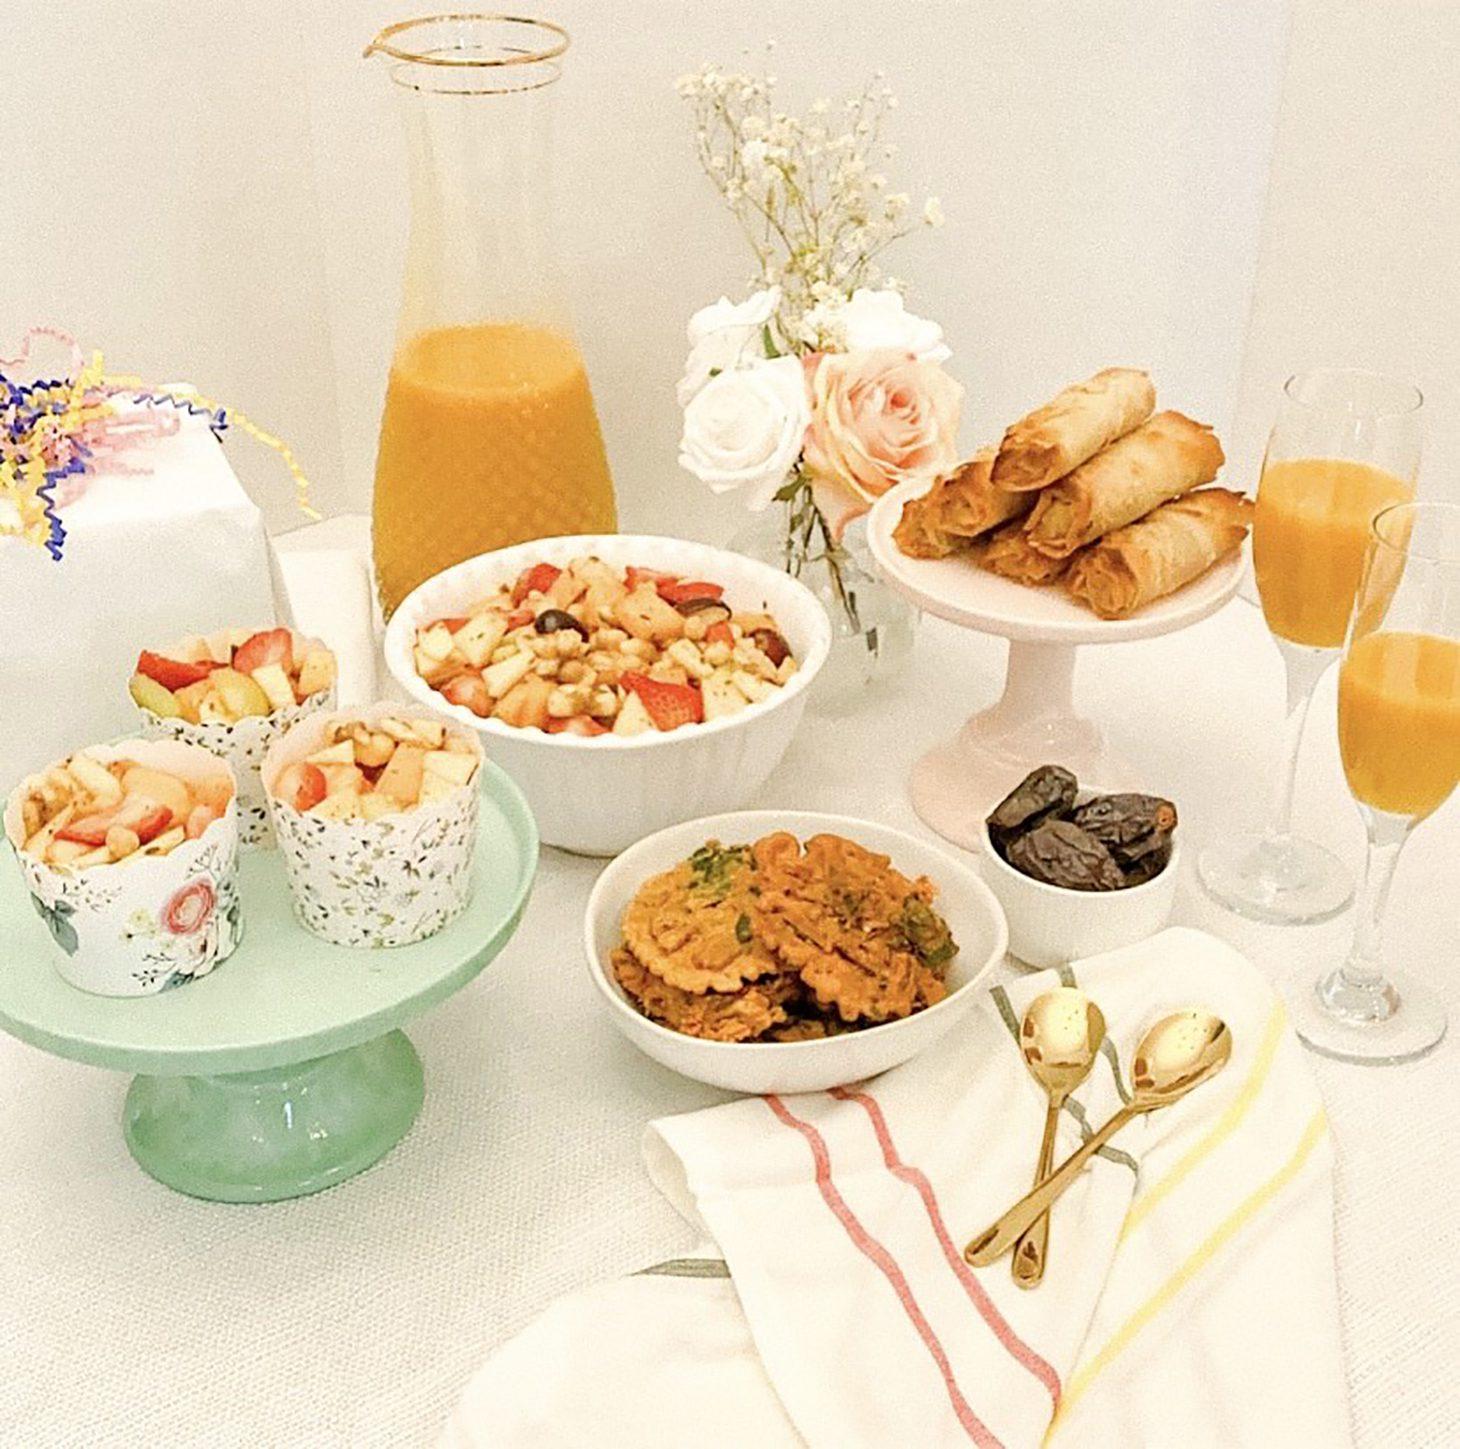 Ramadan food traditions